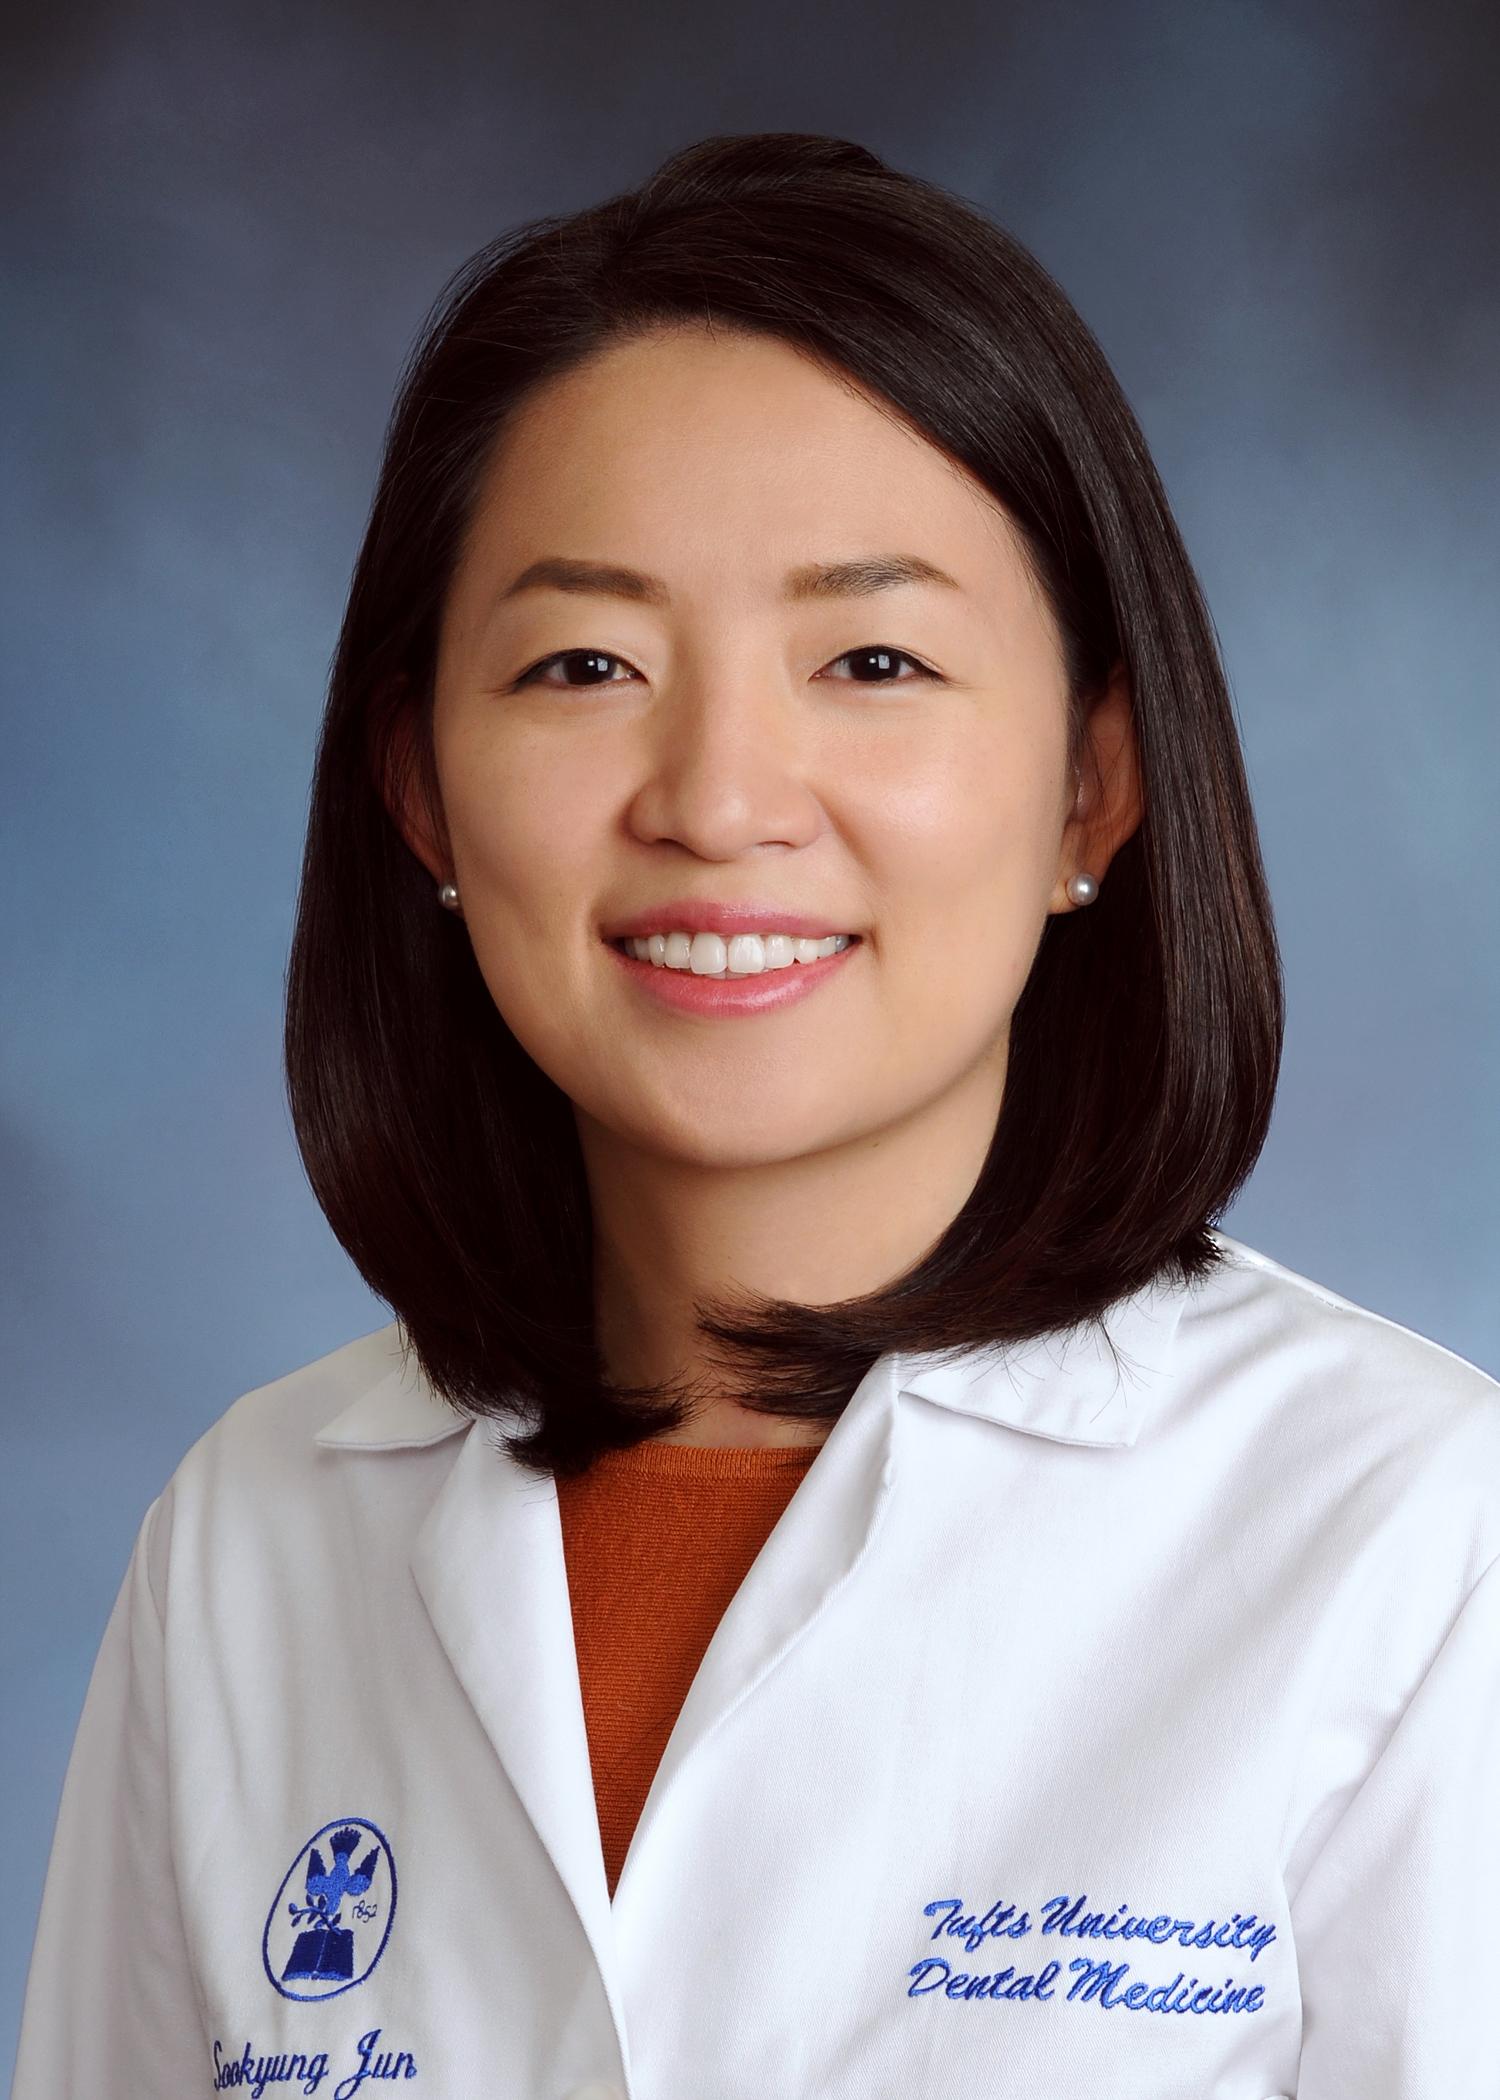 Dr. Sookyung Jun